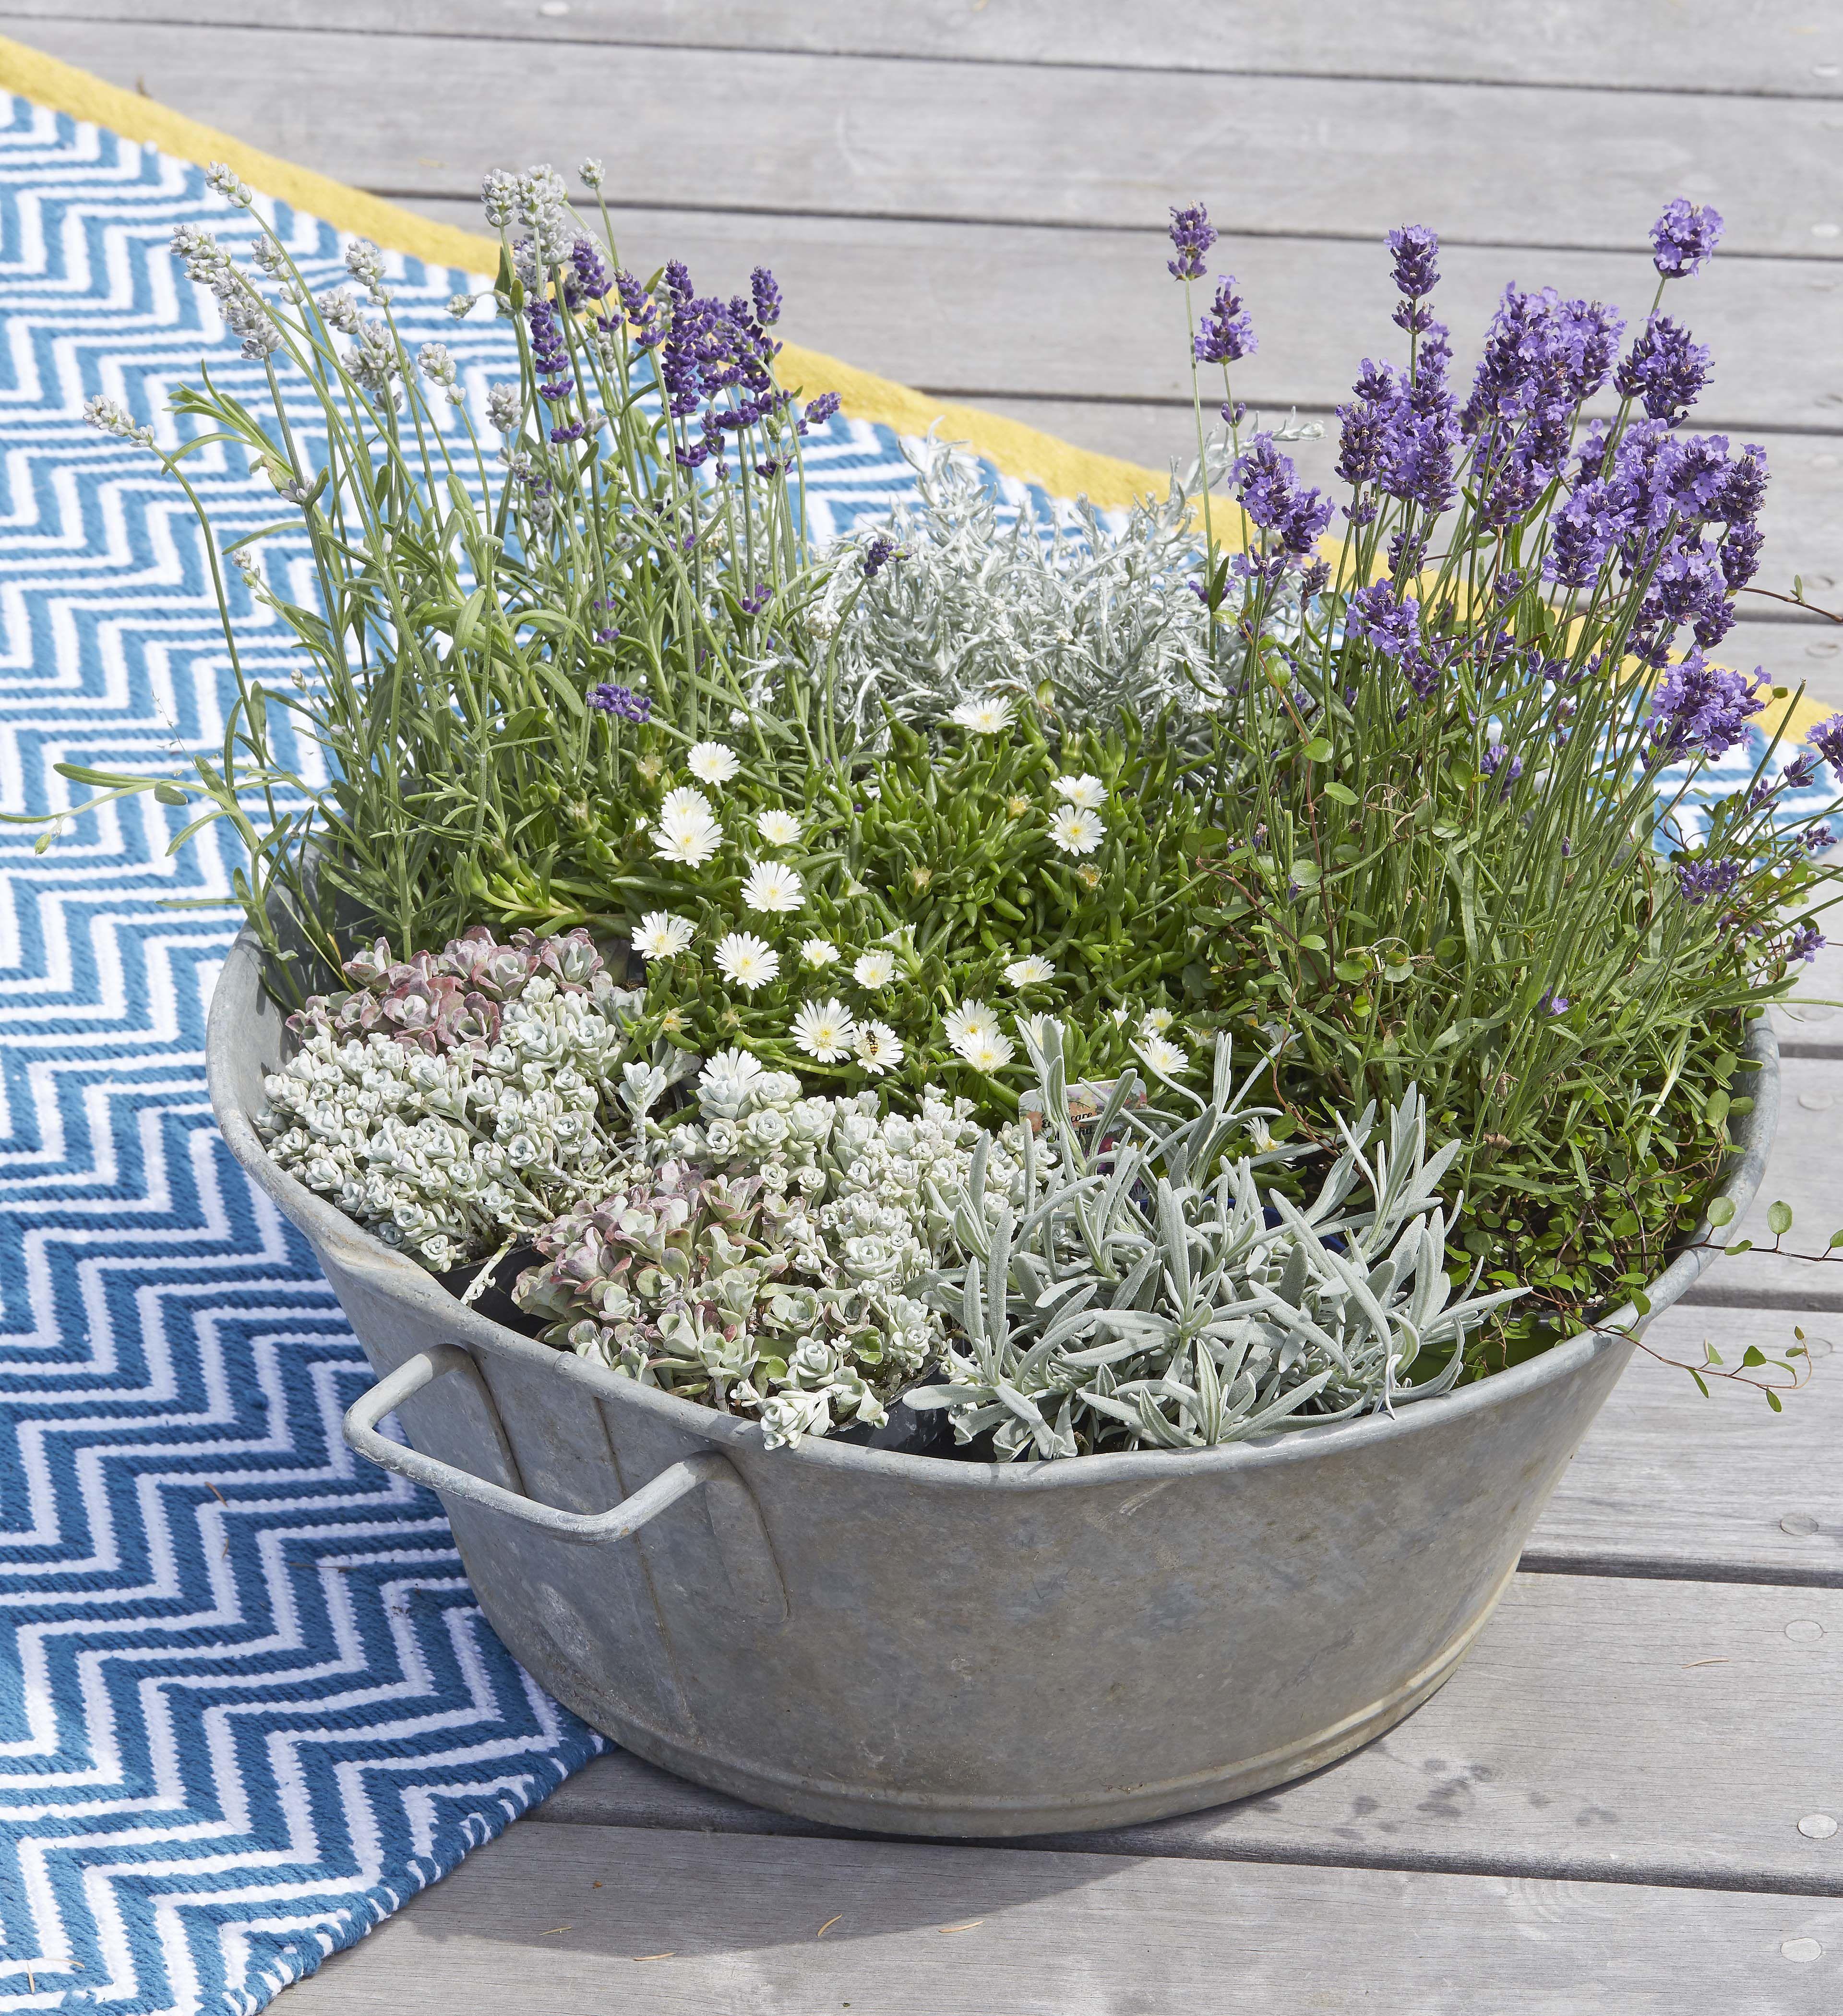 Lavande Et Plante D Argent Silverland Jardinerie Truffaut Fleurs De Lavande Deco Jardin